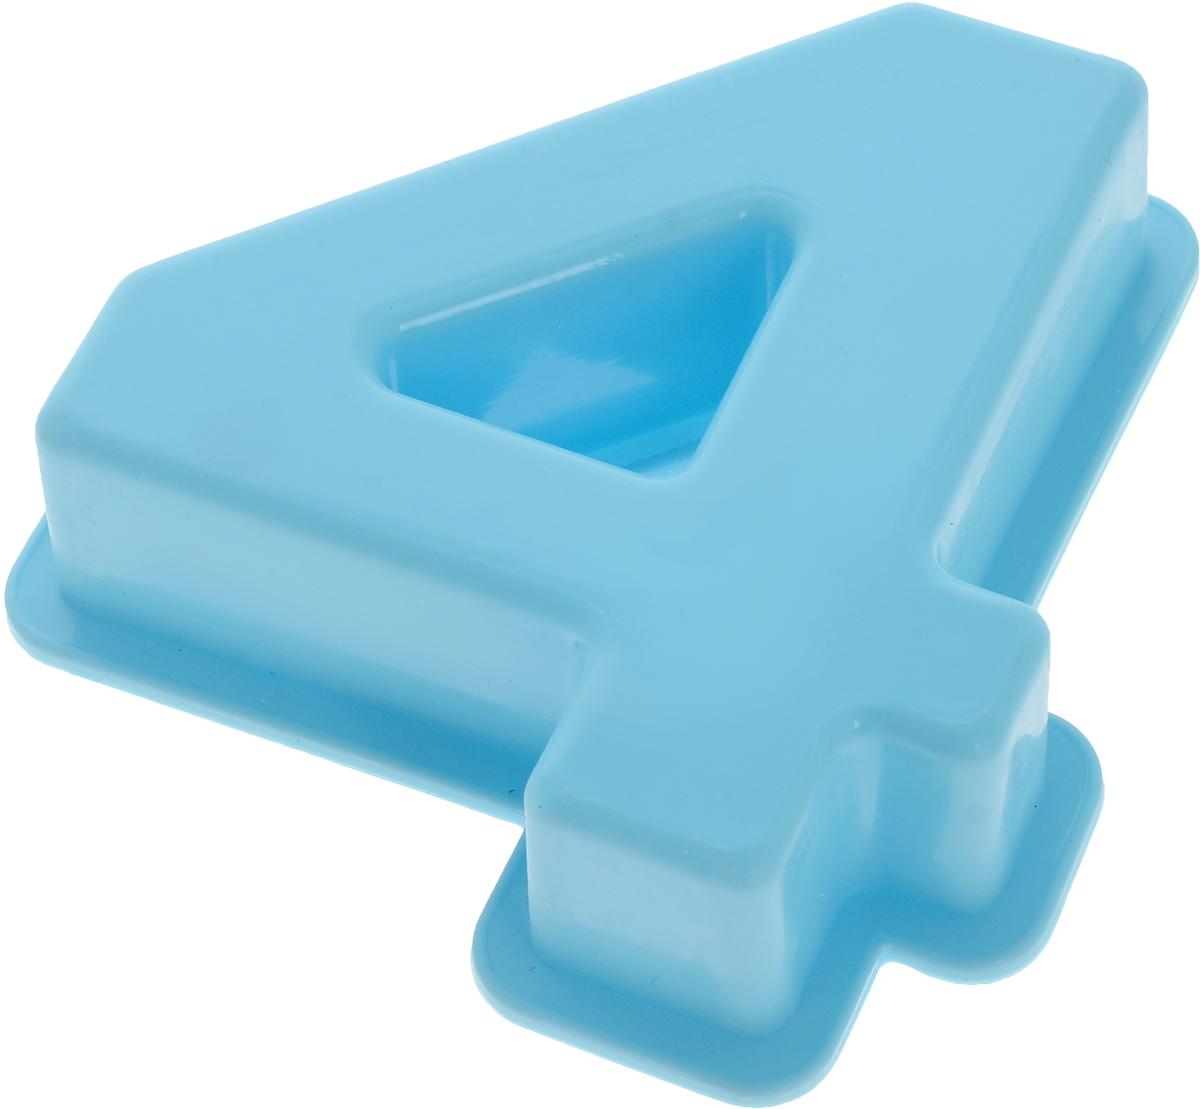 Форма для выпечки Доляна Четыре, силиконовая, цвет: голубой, 9 х 9 х 2,5 см1687464_голубойФорма Доляна Четыре, выполненная из силикона, будет отличным выбором для всех любителей домашней выпечки. Силиконовые формы для выпечки имеют множество преимуществ по сравнению с традиционными металлическими формами и противнями. Нет необходимости смазывать форму маслом. Форма быстро нагревается, равномерно пропекает, не допускает подгорания выпечки с краев или снизу.Вынимать продукты из формы очень легко. Слегка выверните края формы или оттяните в сторону, и ваша выпечка легко выскользнет из формы.Материал устойчив к фруктовым кислотам, не ржавеет, на нем не образуются пятна.Форма может быть использована в духовках и микроволновых печах (выдерживает температуру от -40°С до +250°С), также ее можно помещать в морозильную камеру и холодильник. Можно мыть в посудомоечной машине.Размер формы: 9 х 9 х 2,5 см.